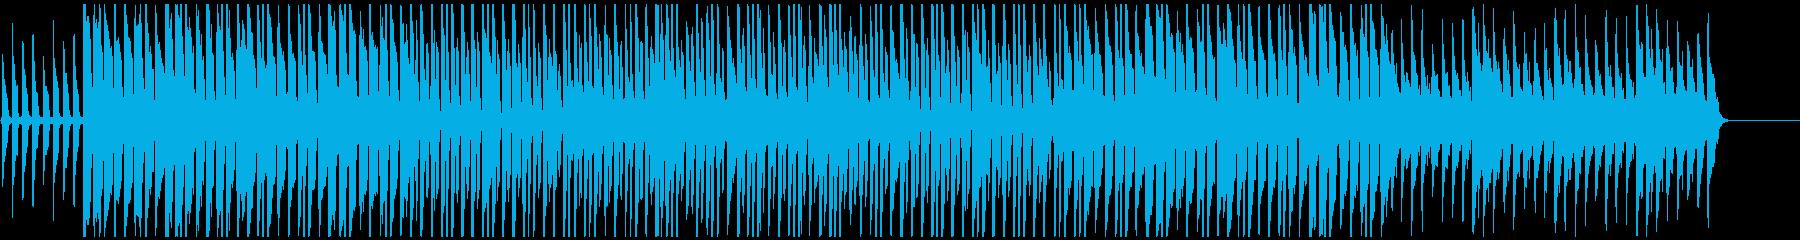 和やかな雰囲気のポップスの再生済みの波形